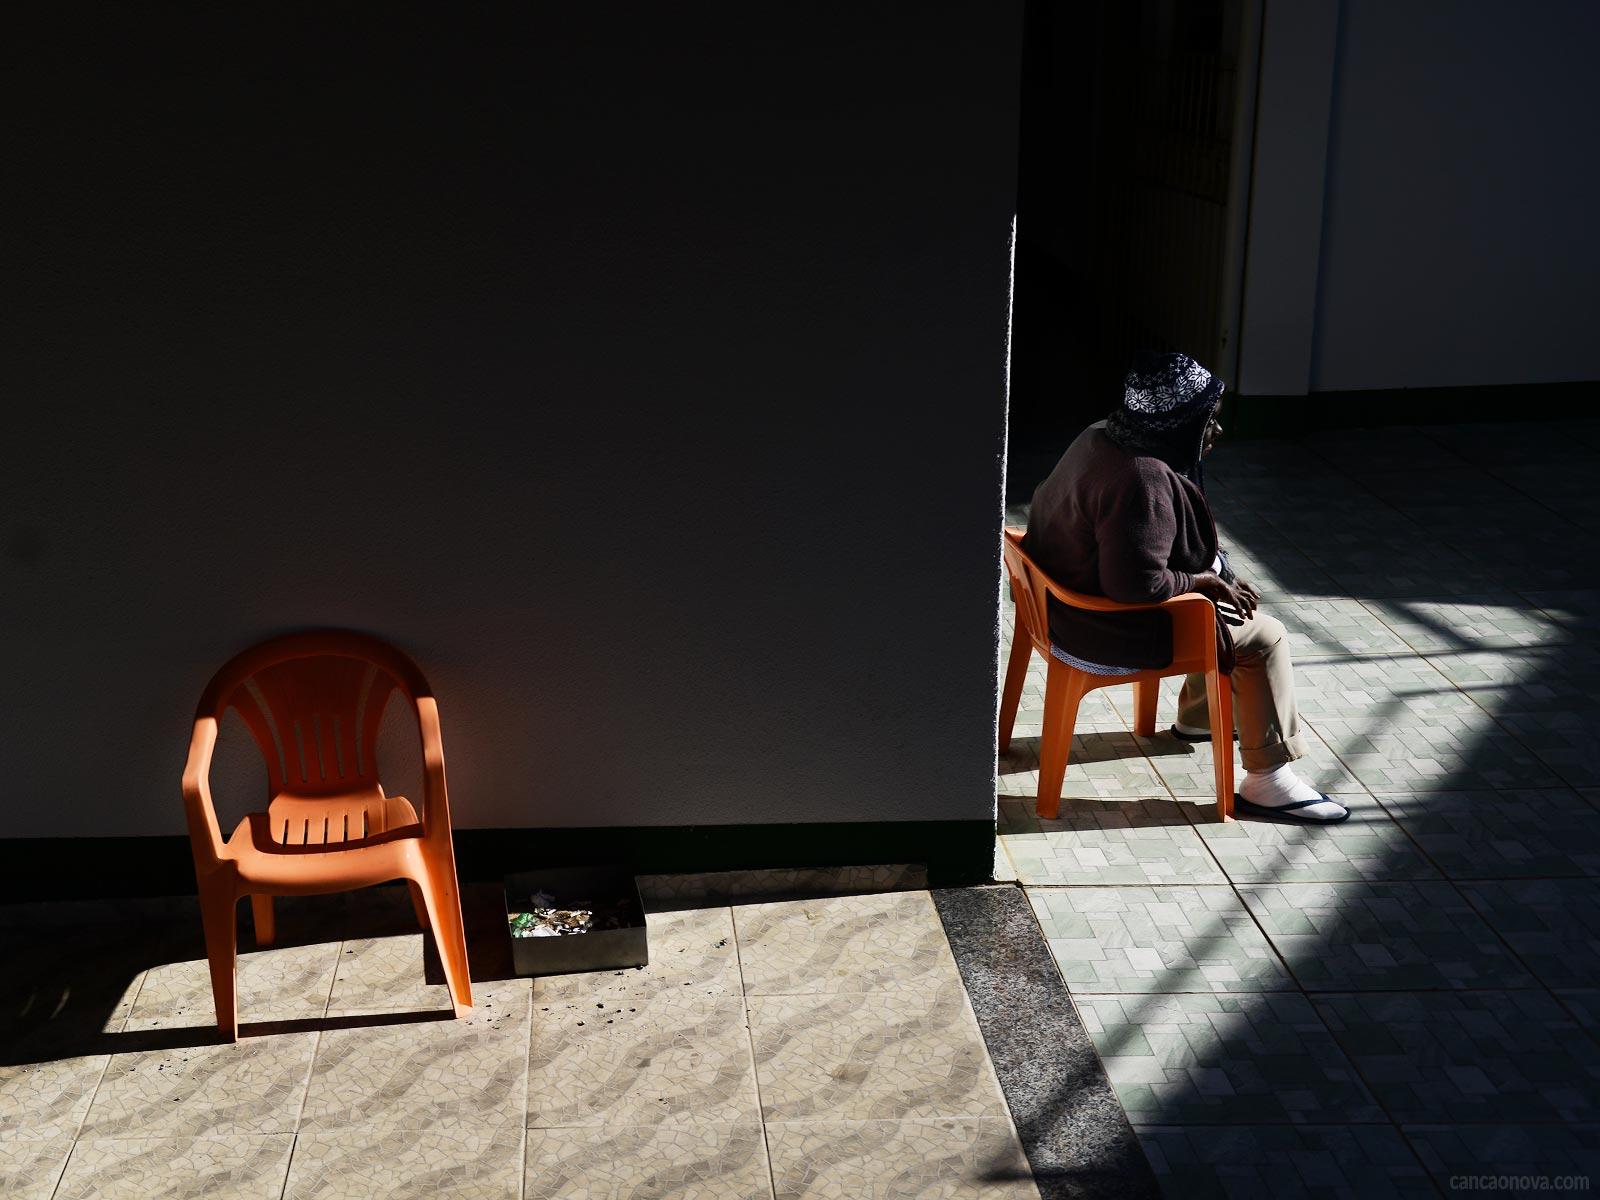 O que o sentimento de solidão pode trazer para a velhice?